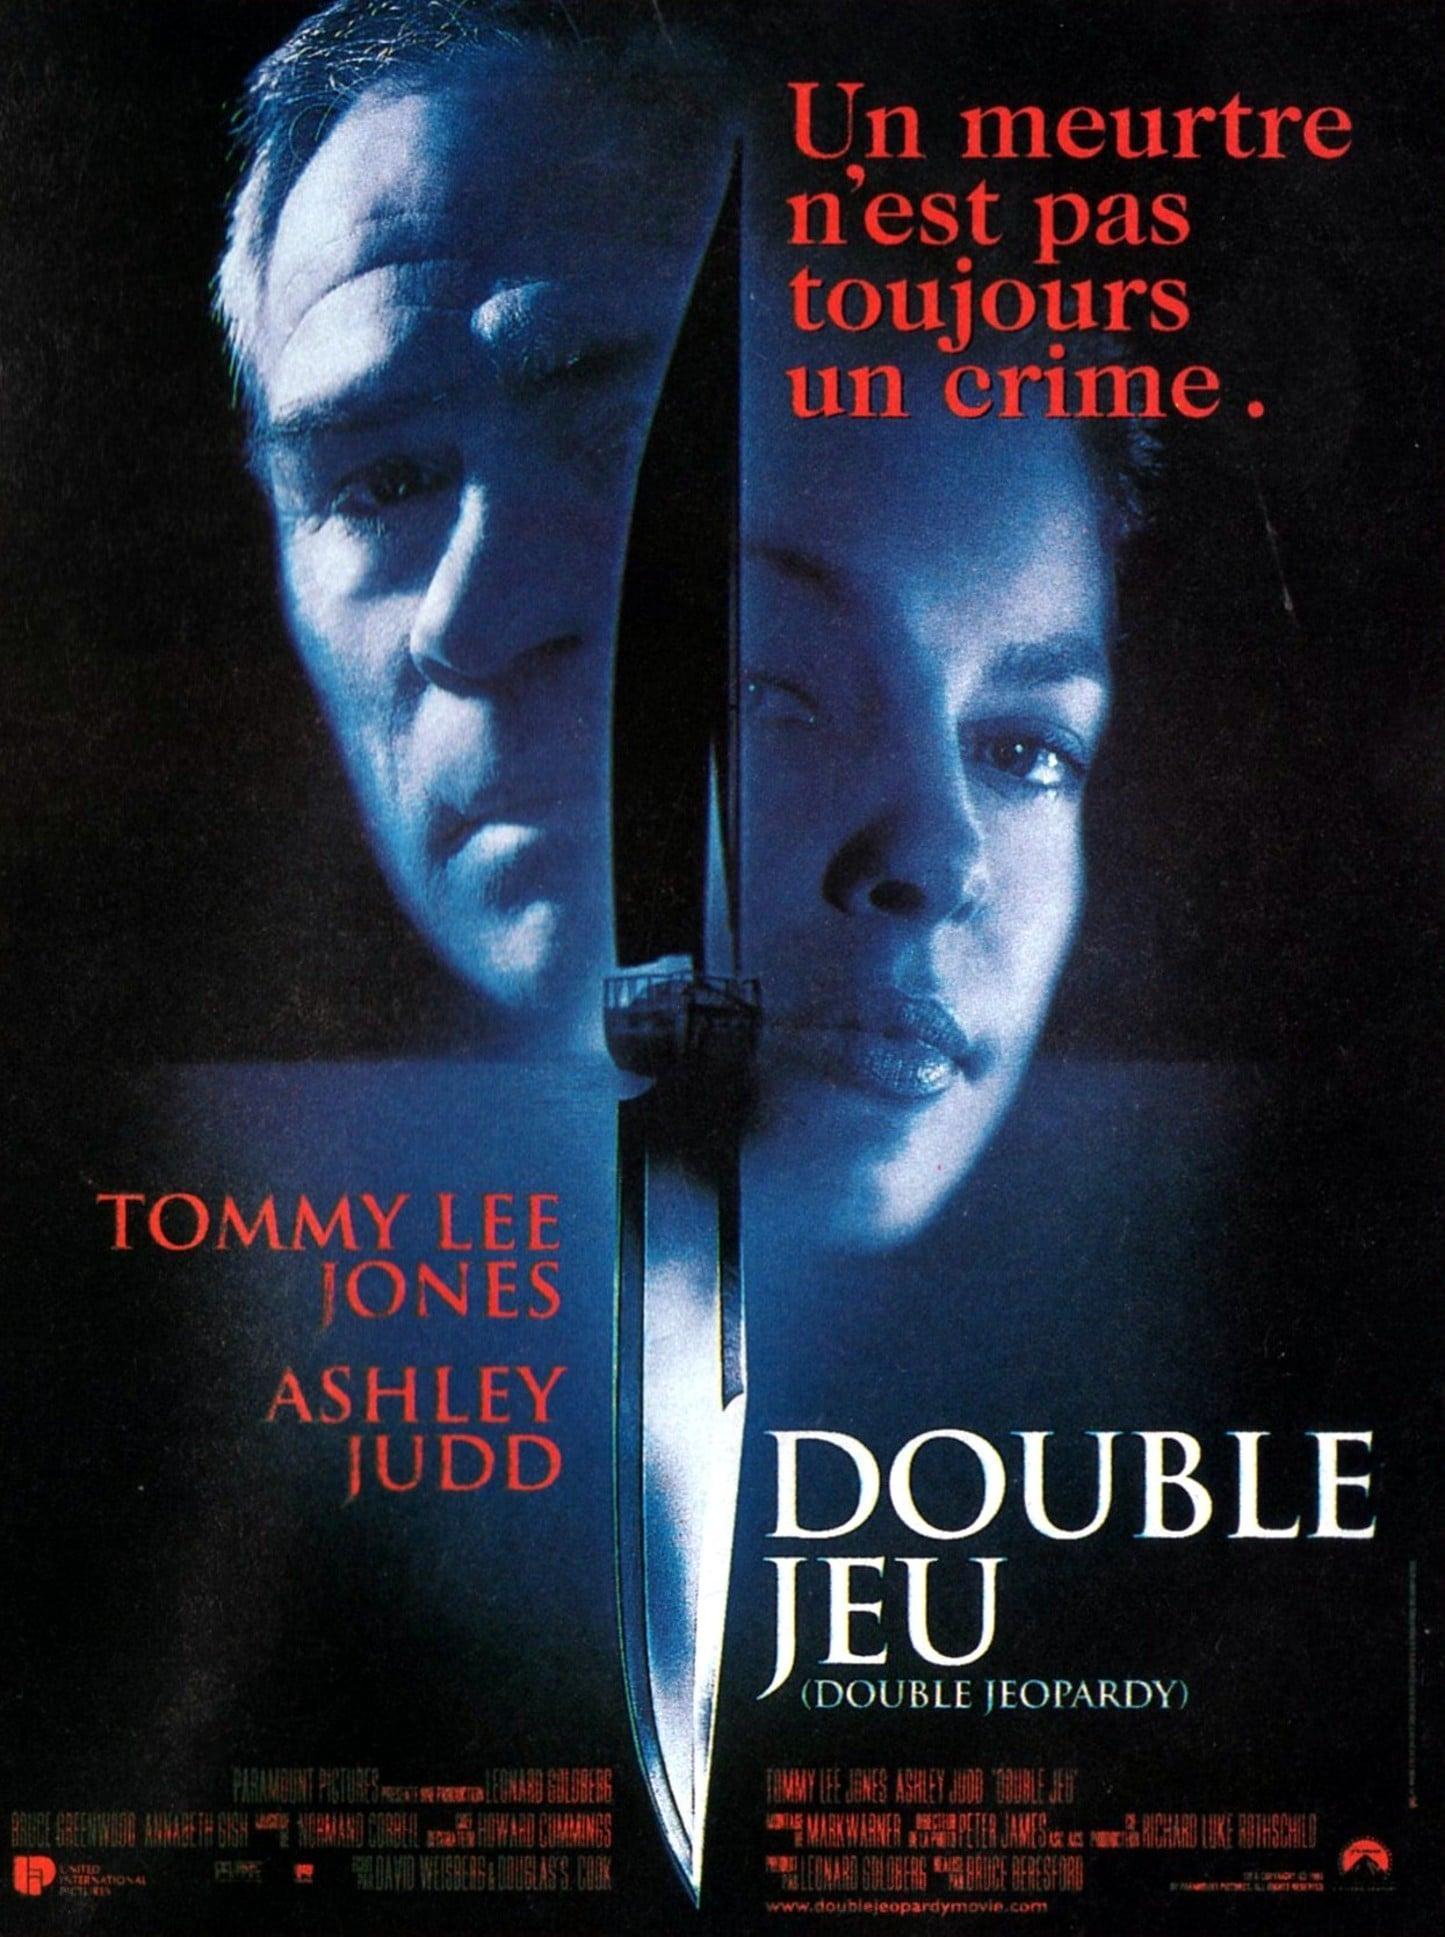 affiche du film Double jeu